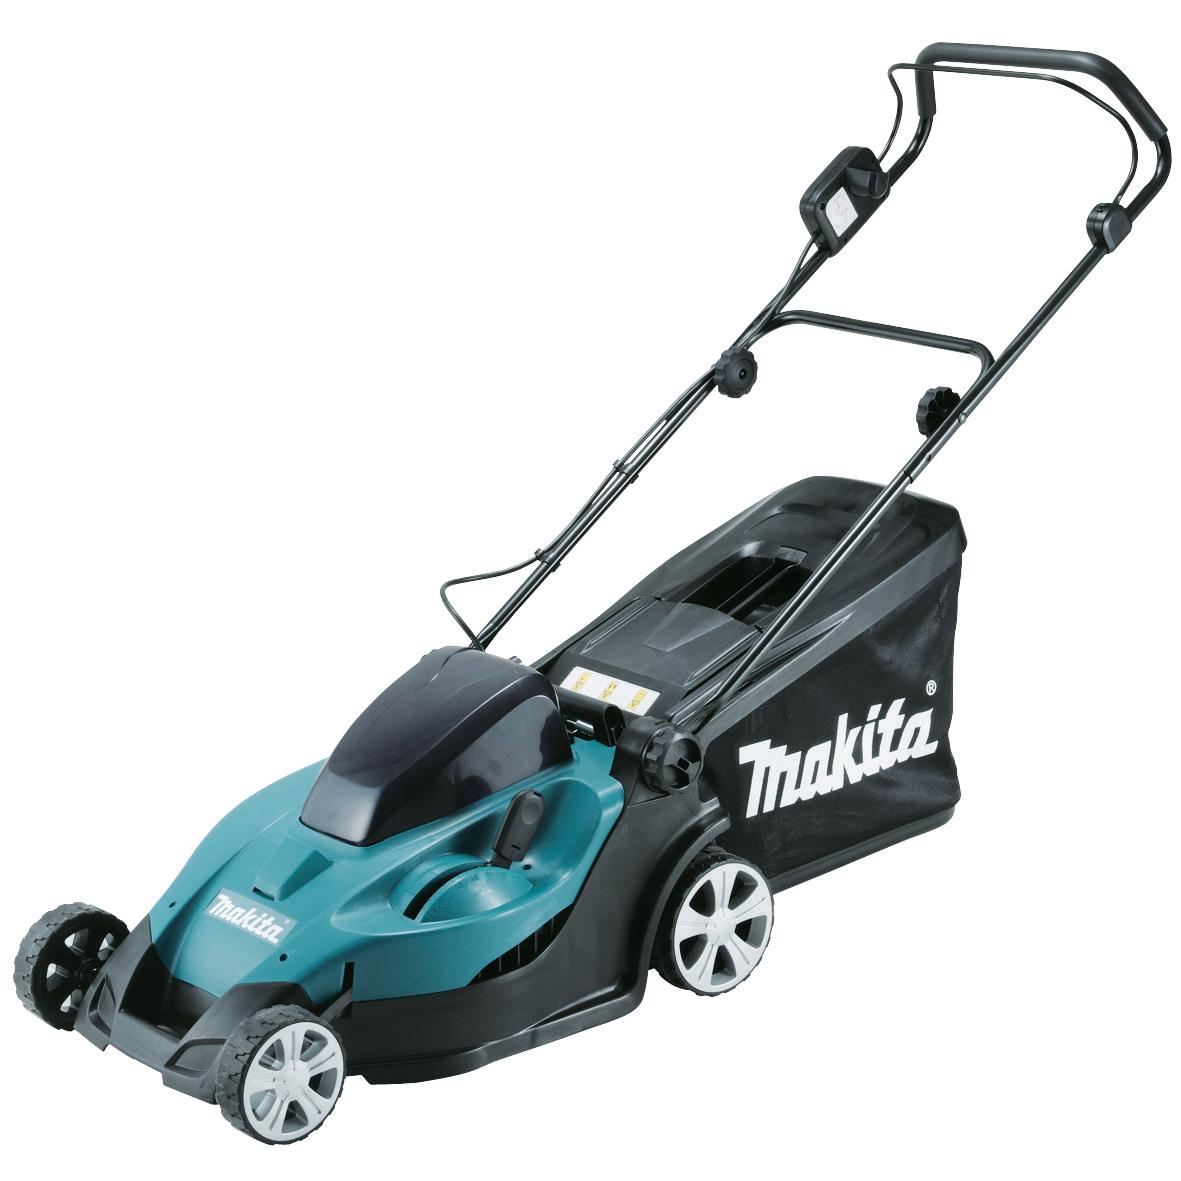 Máy cắt cỏ Makita LM430DZ hinh anh 1